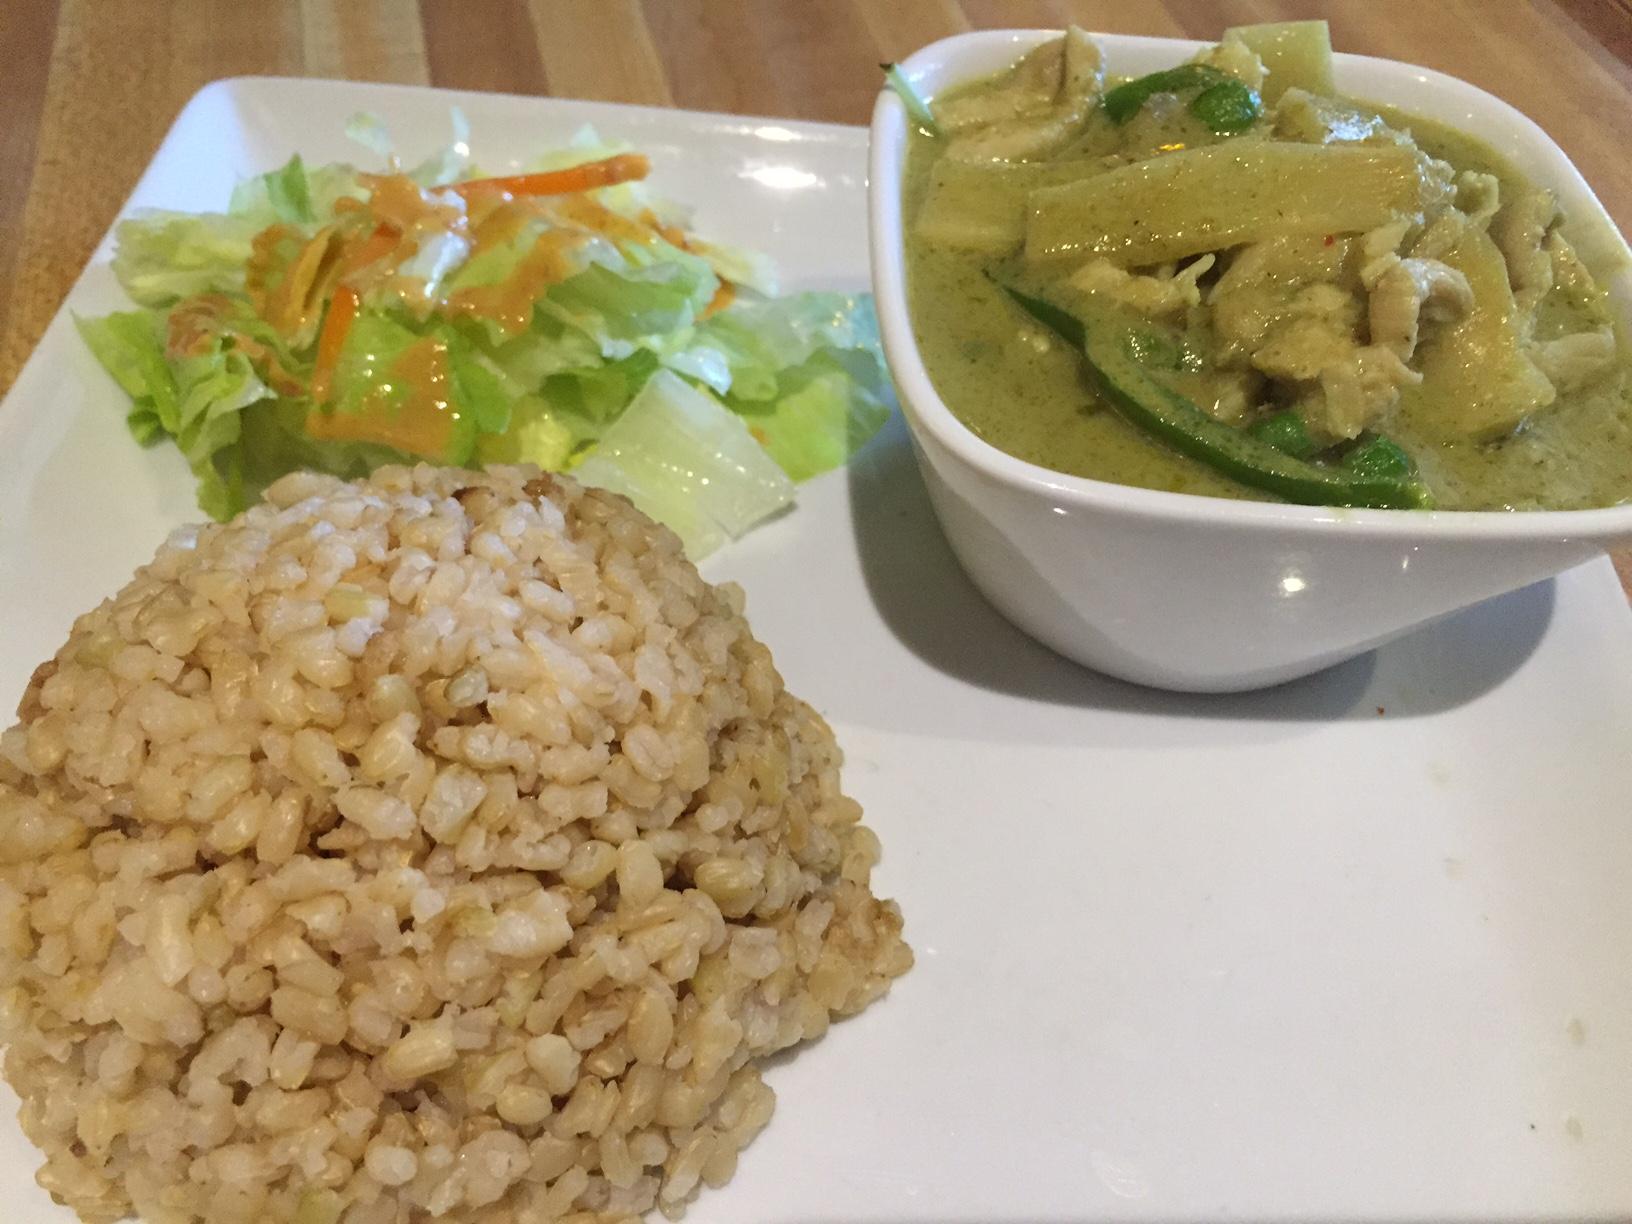 サンディエゴ:Koon Thai Kitchen サンディエゴタウン&ロサンゼルスタウンがゆく Bloguru